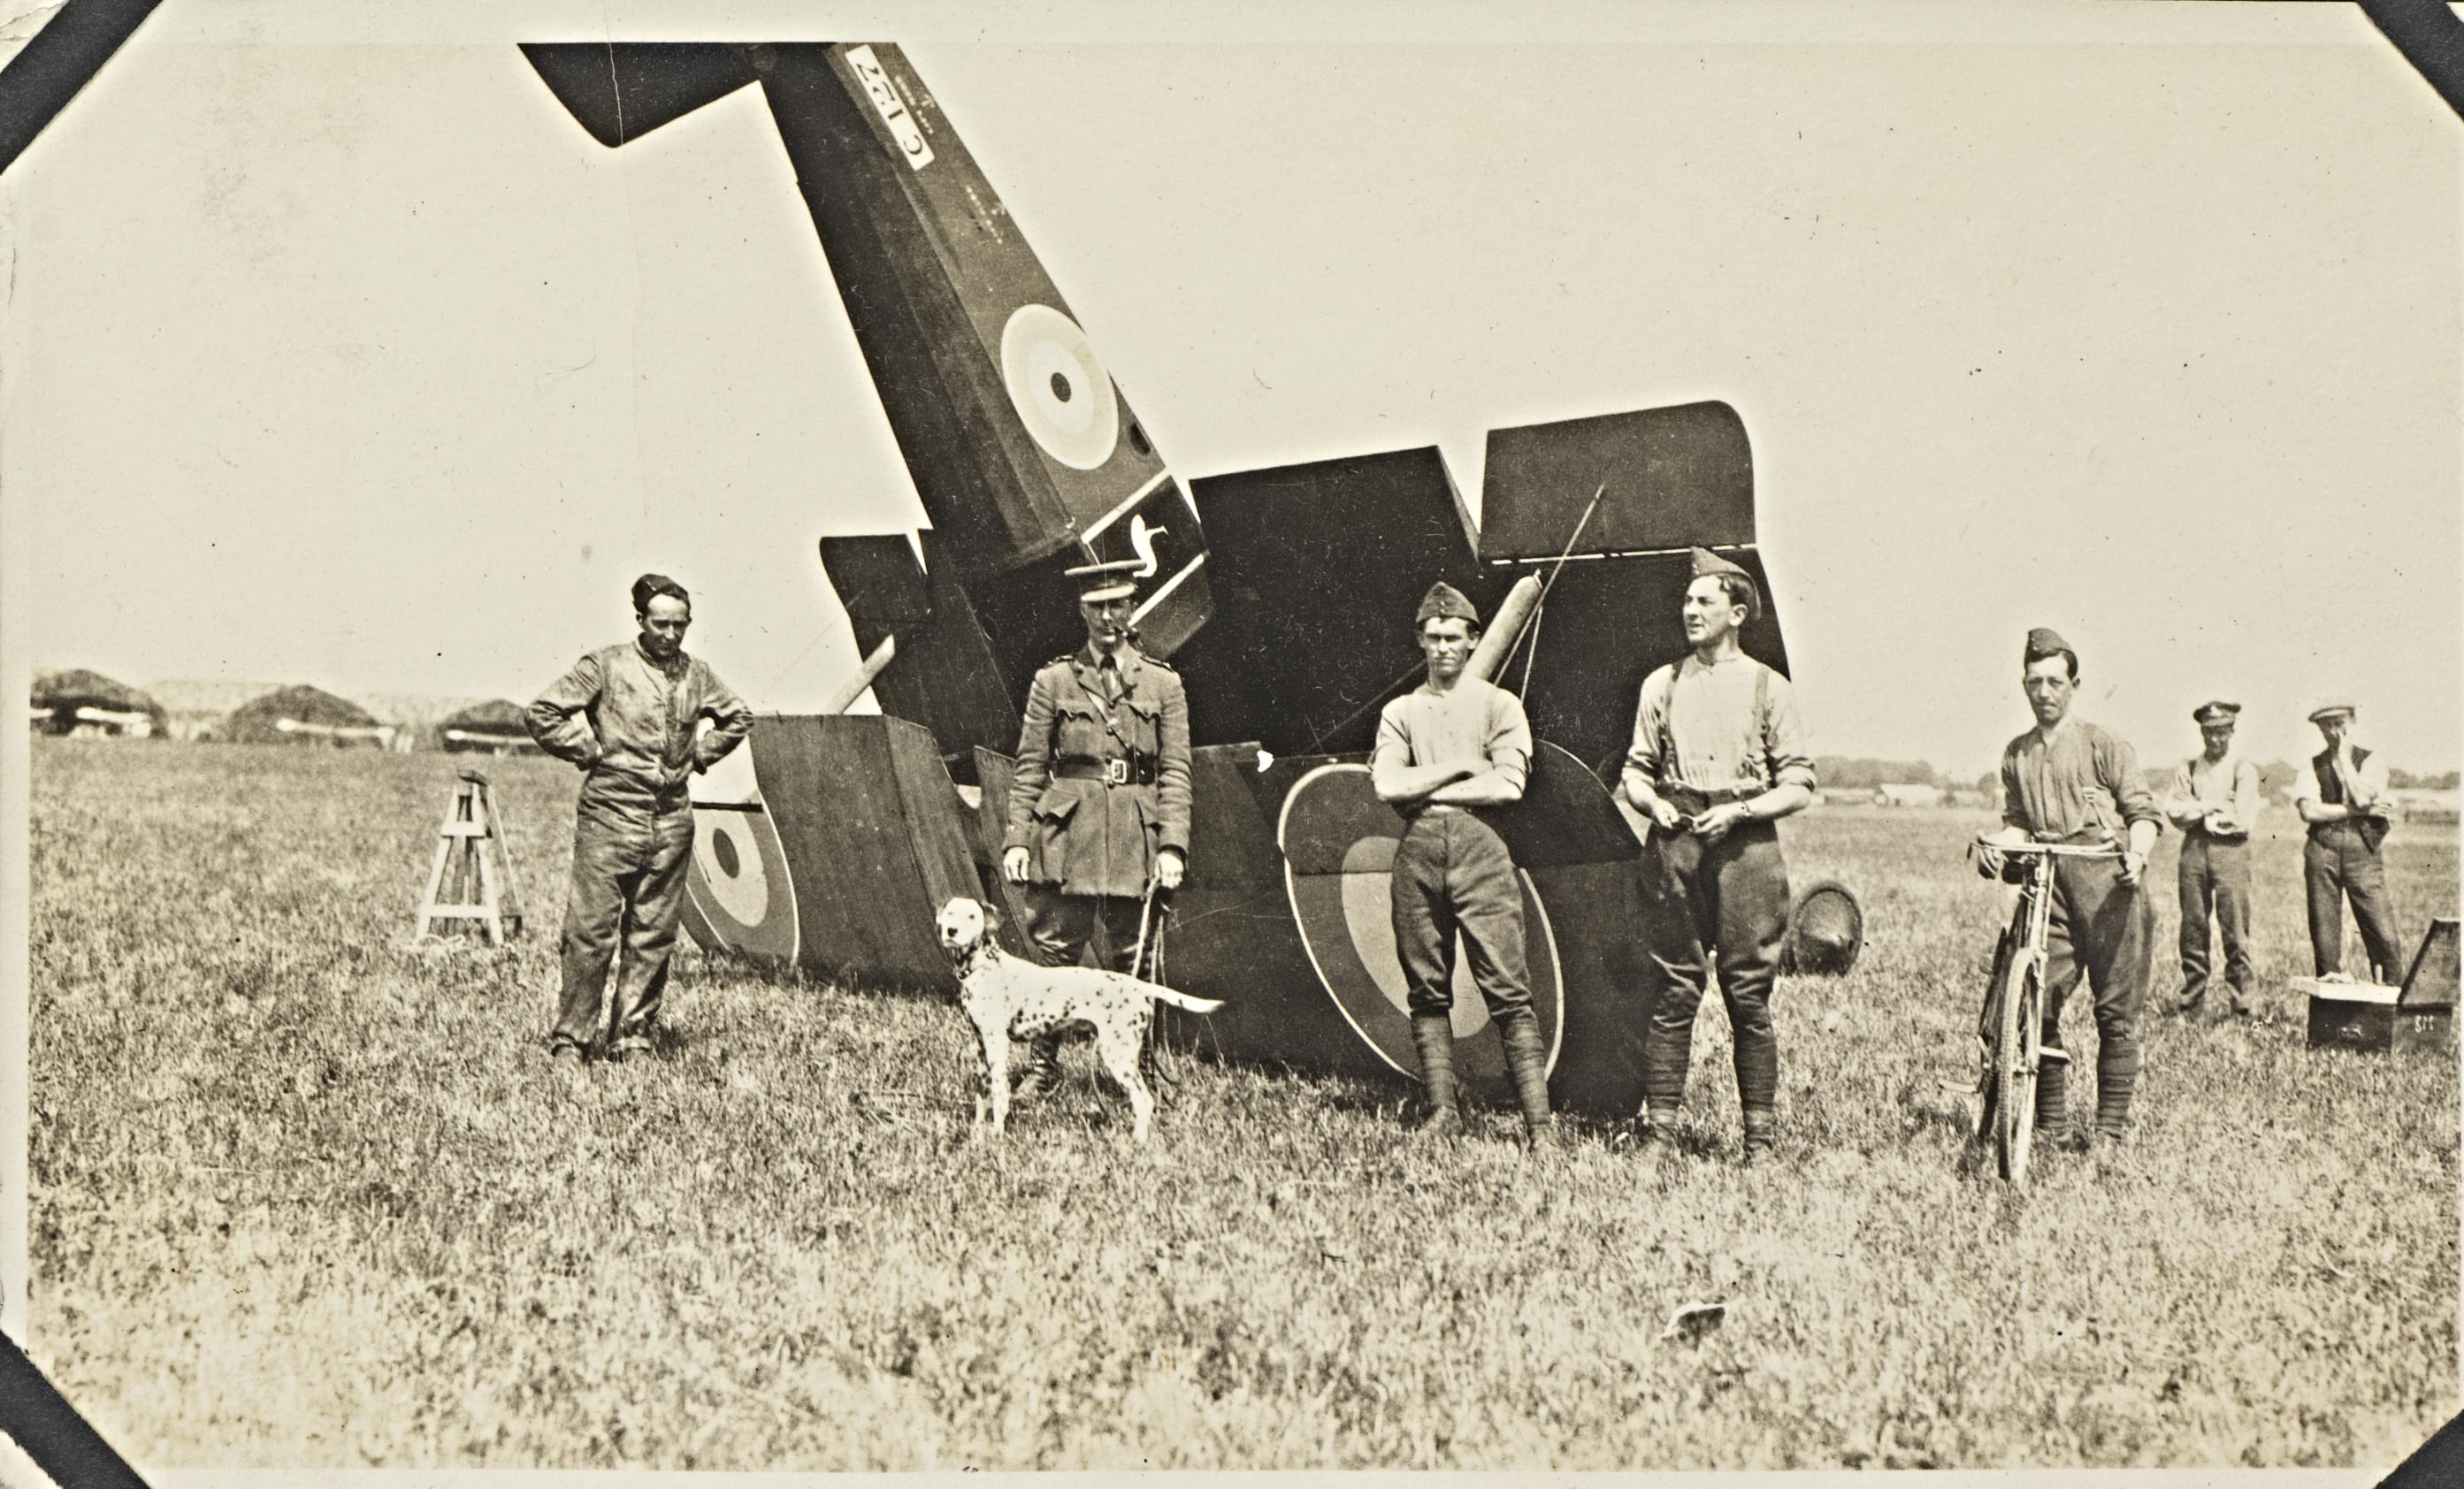 Alfred William Leslie Ellis - Album of travel photographs and overseas, ca. 1915-1920